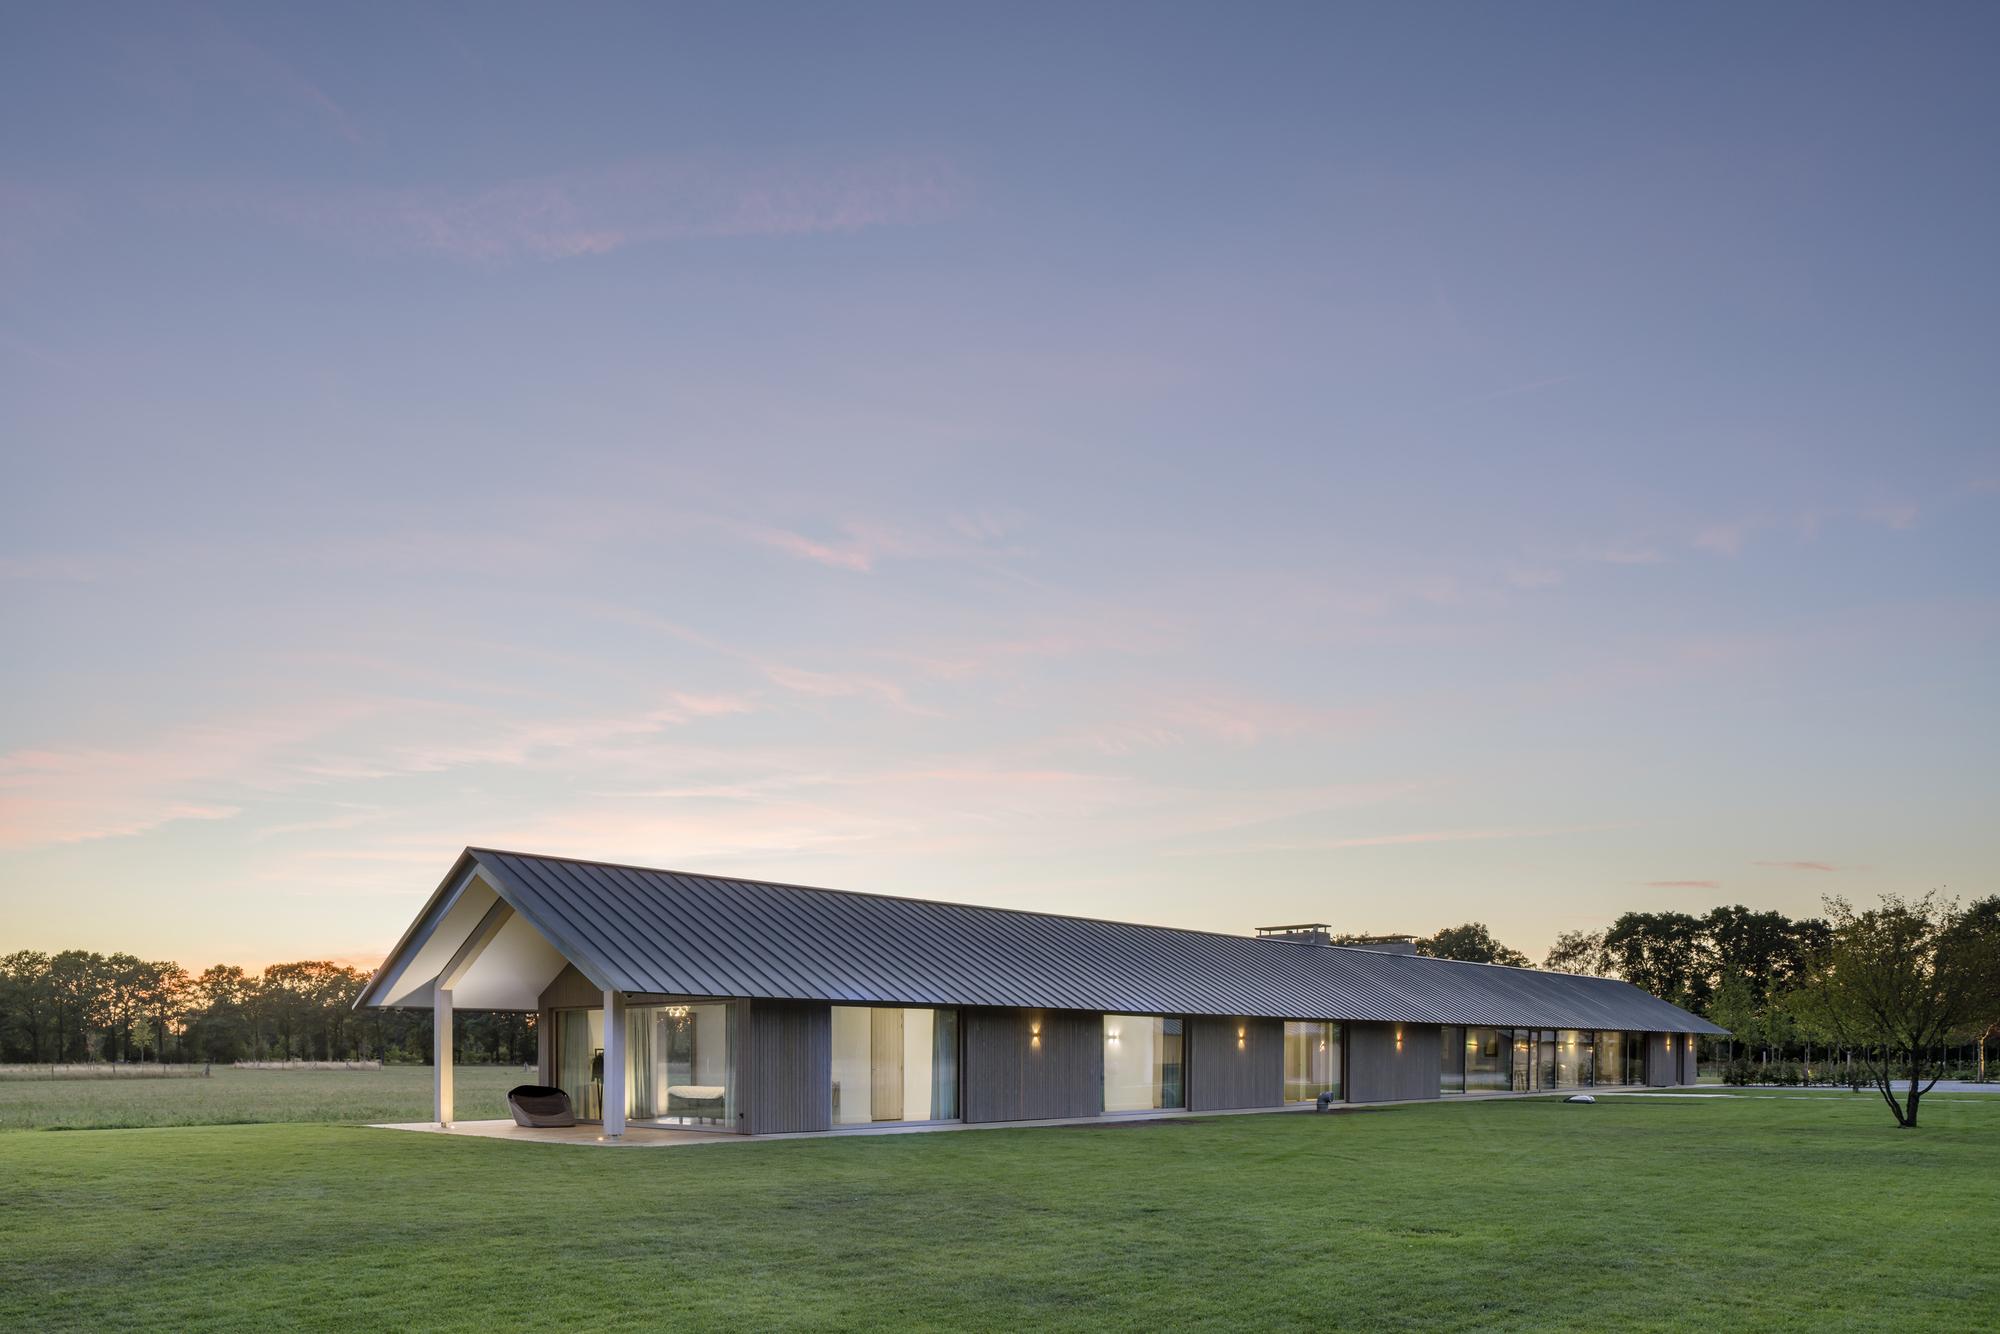 Erve BE / Reitsema & partners architects